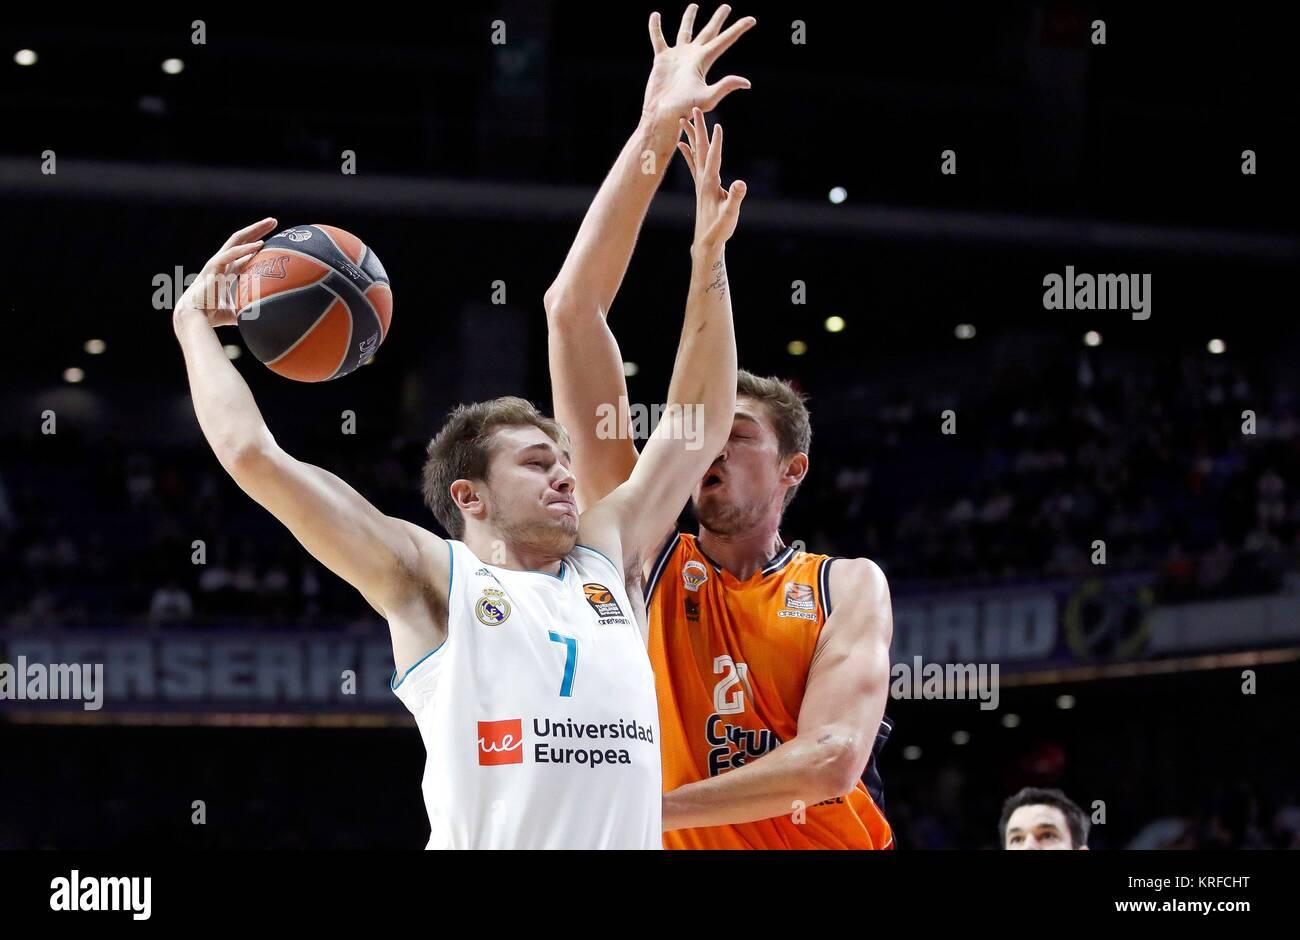 Jugador del Real Madrid Luka Doncic (L) compite por el balón contra Tibor  Pleiss (R) de Valencia la Euroliga de baloncesto Canasta durante el partido  entre ... aee333be502f4